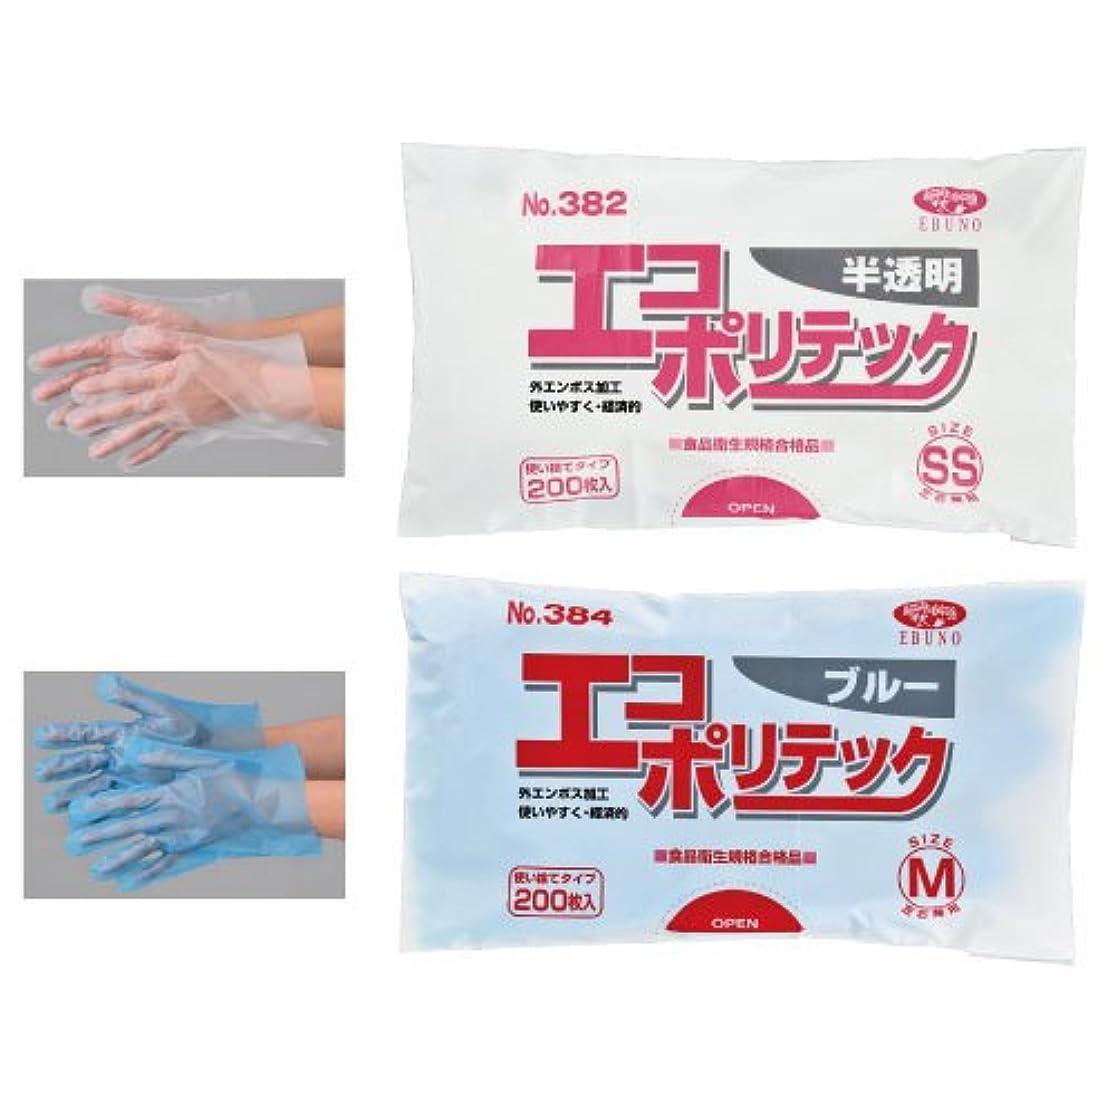 ペルソナくるくる欠員エブノ ポリエチレン手袋 No.382 S 半透明 (200枚×30袋) エコポリテック 袋入